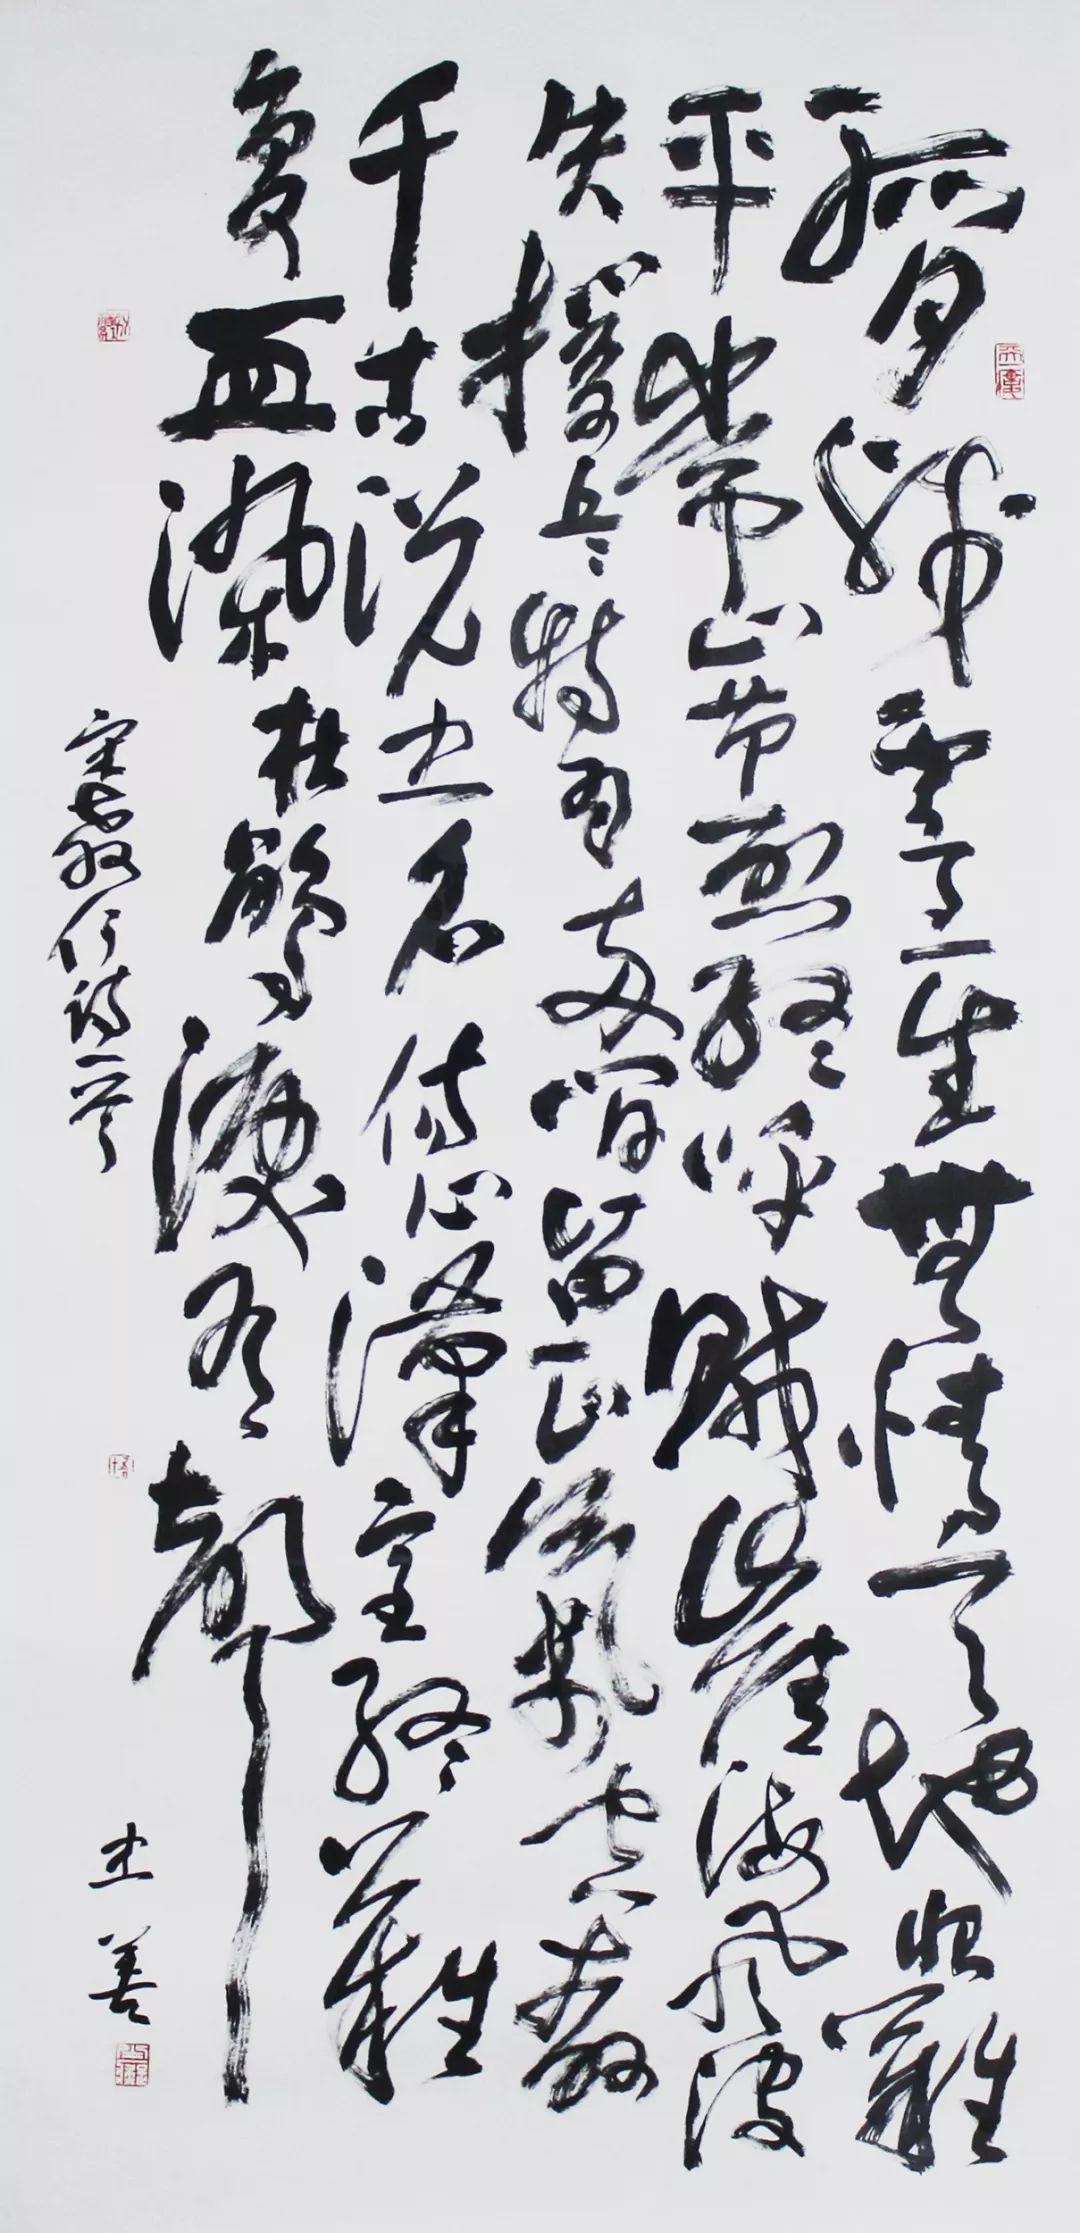 开幕 纪念上海民革成立70周年 民革先贤 前辈诗词书法作品展